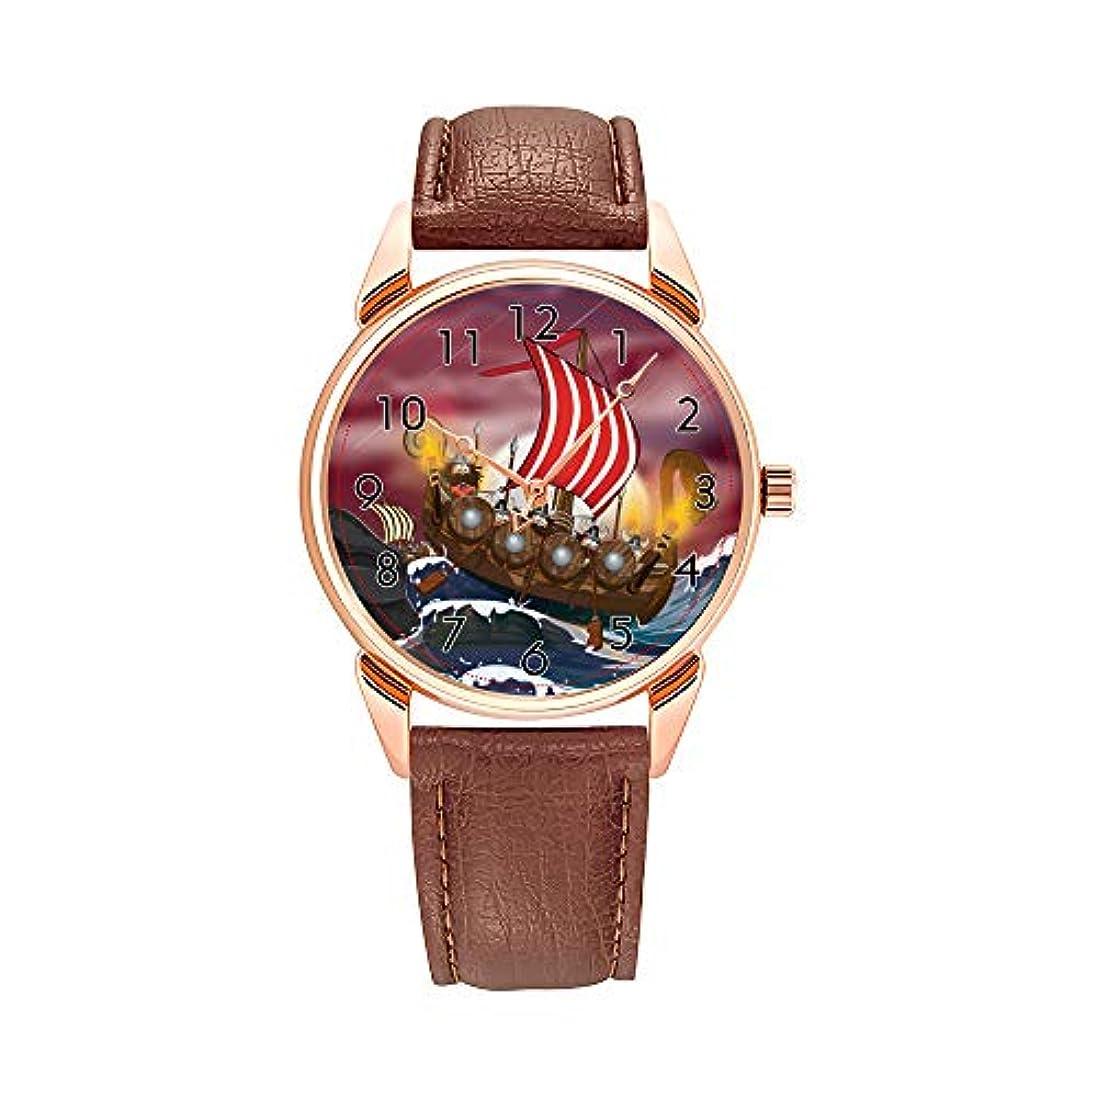 土曜日ソーセージペストリーファッションクォーツウォッチ メンズウォッチ トップブランド ラグジュアリー メンズ時計 ビジネスウォッチ バイキング+シップ+インベイジョン+フリート インベイジョン+フリート インベイジョン+フリート腕時計